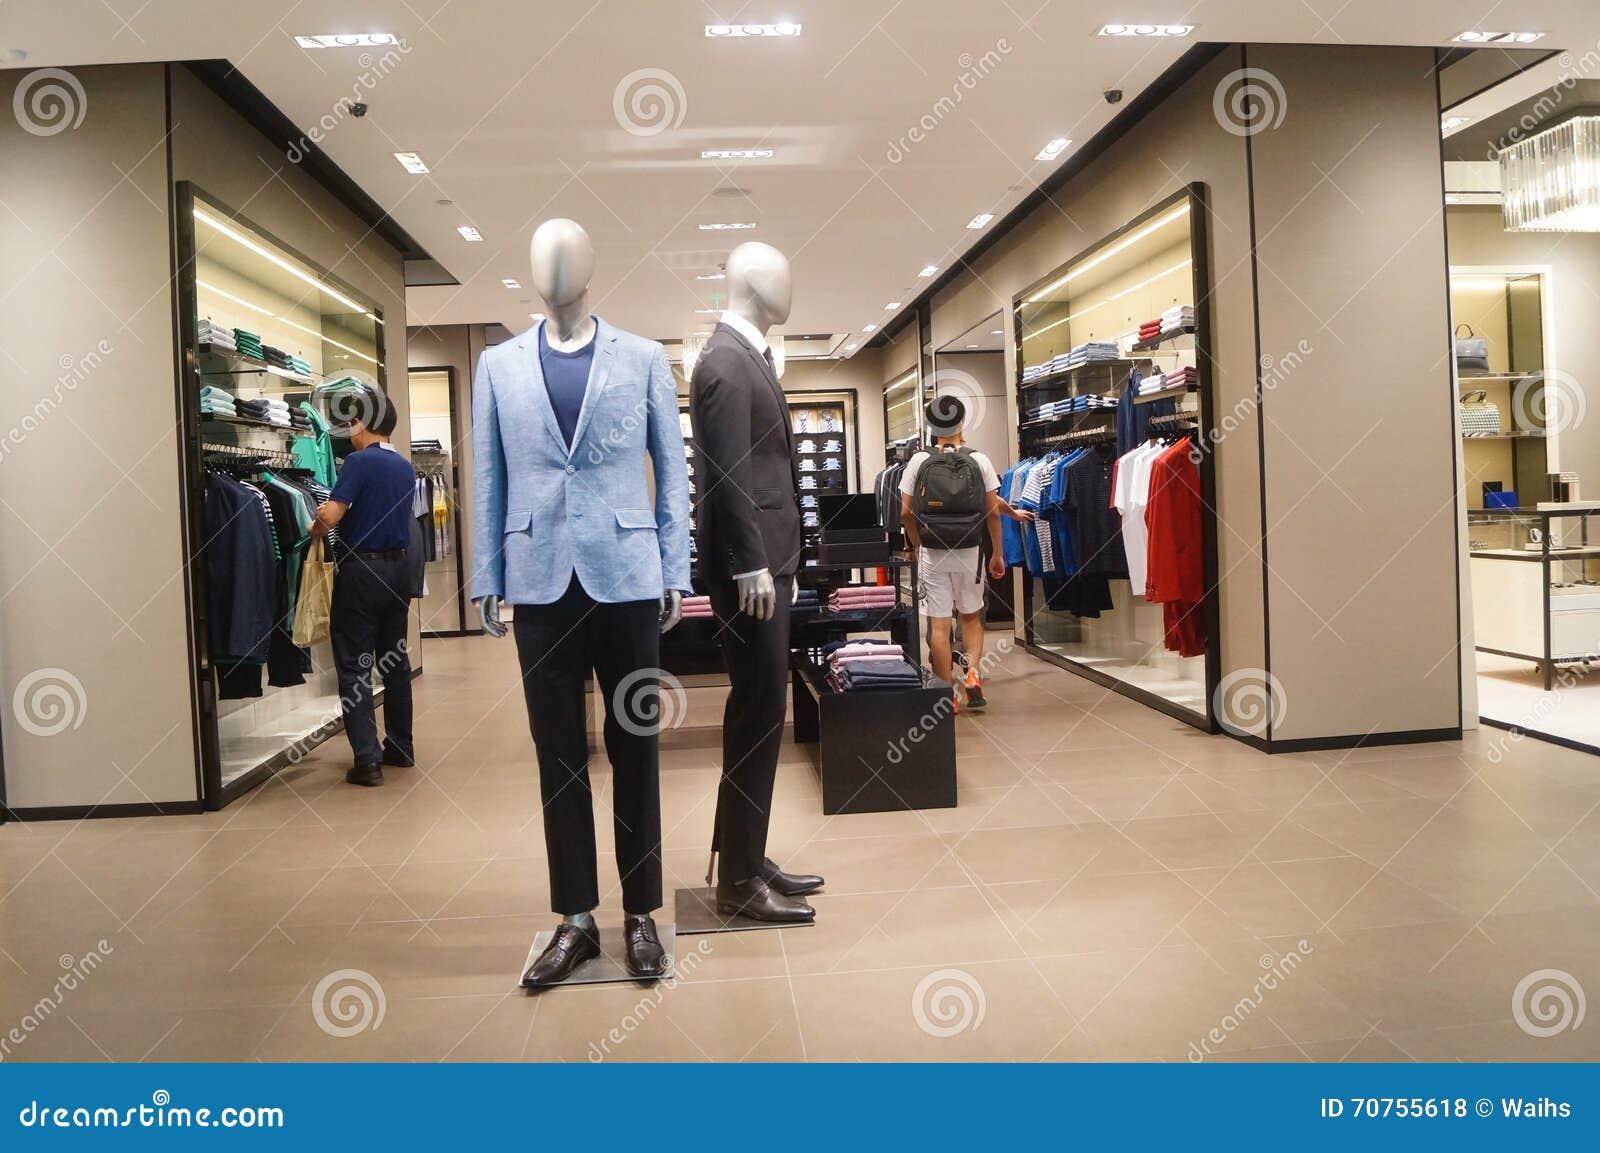 Holidays clothing store